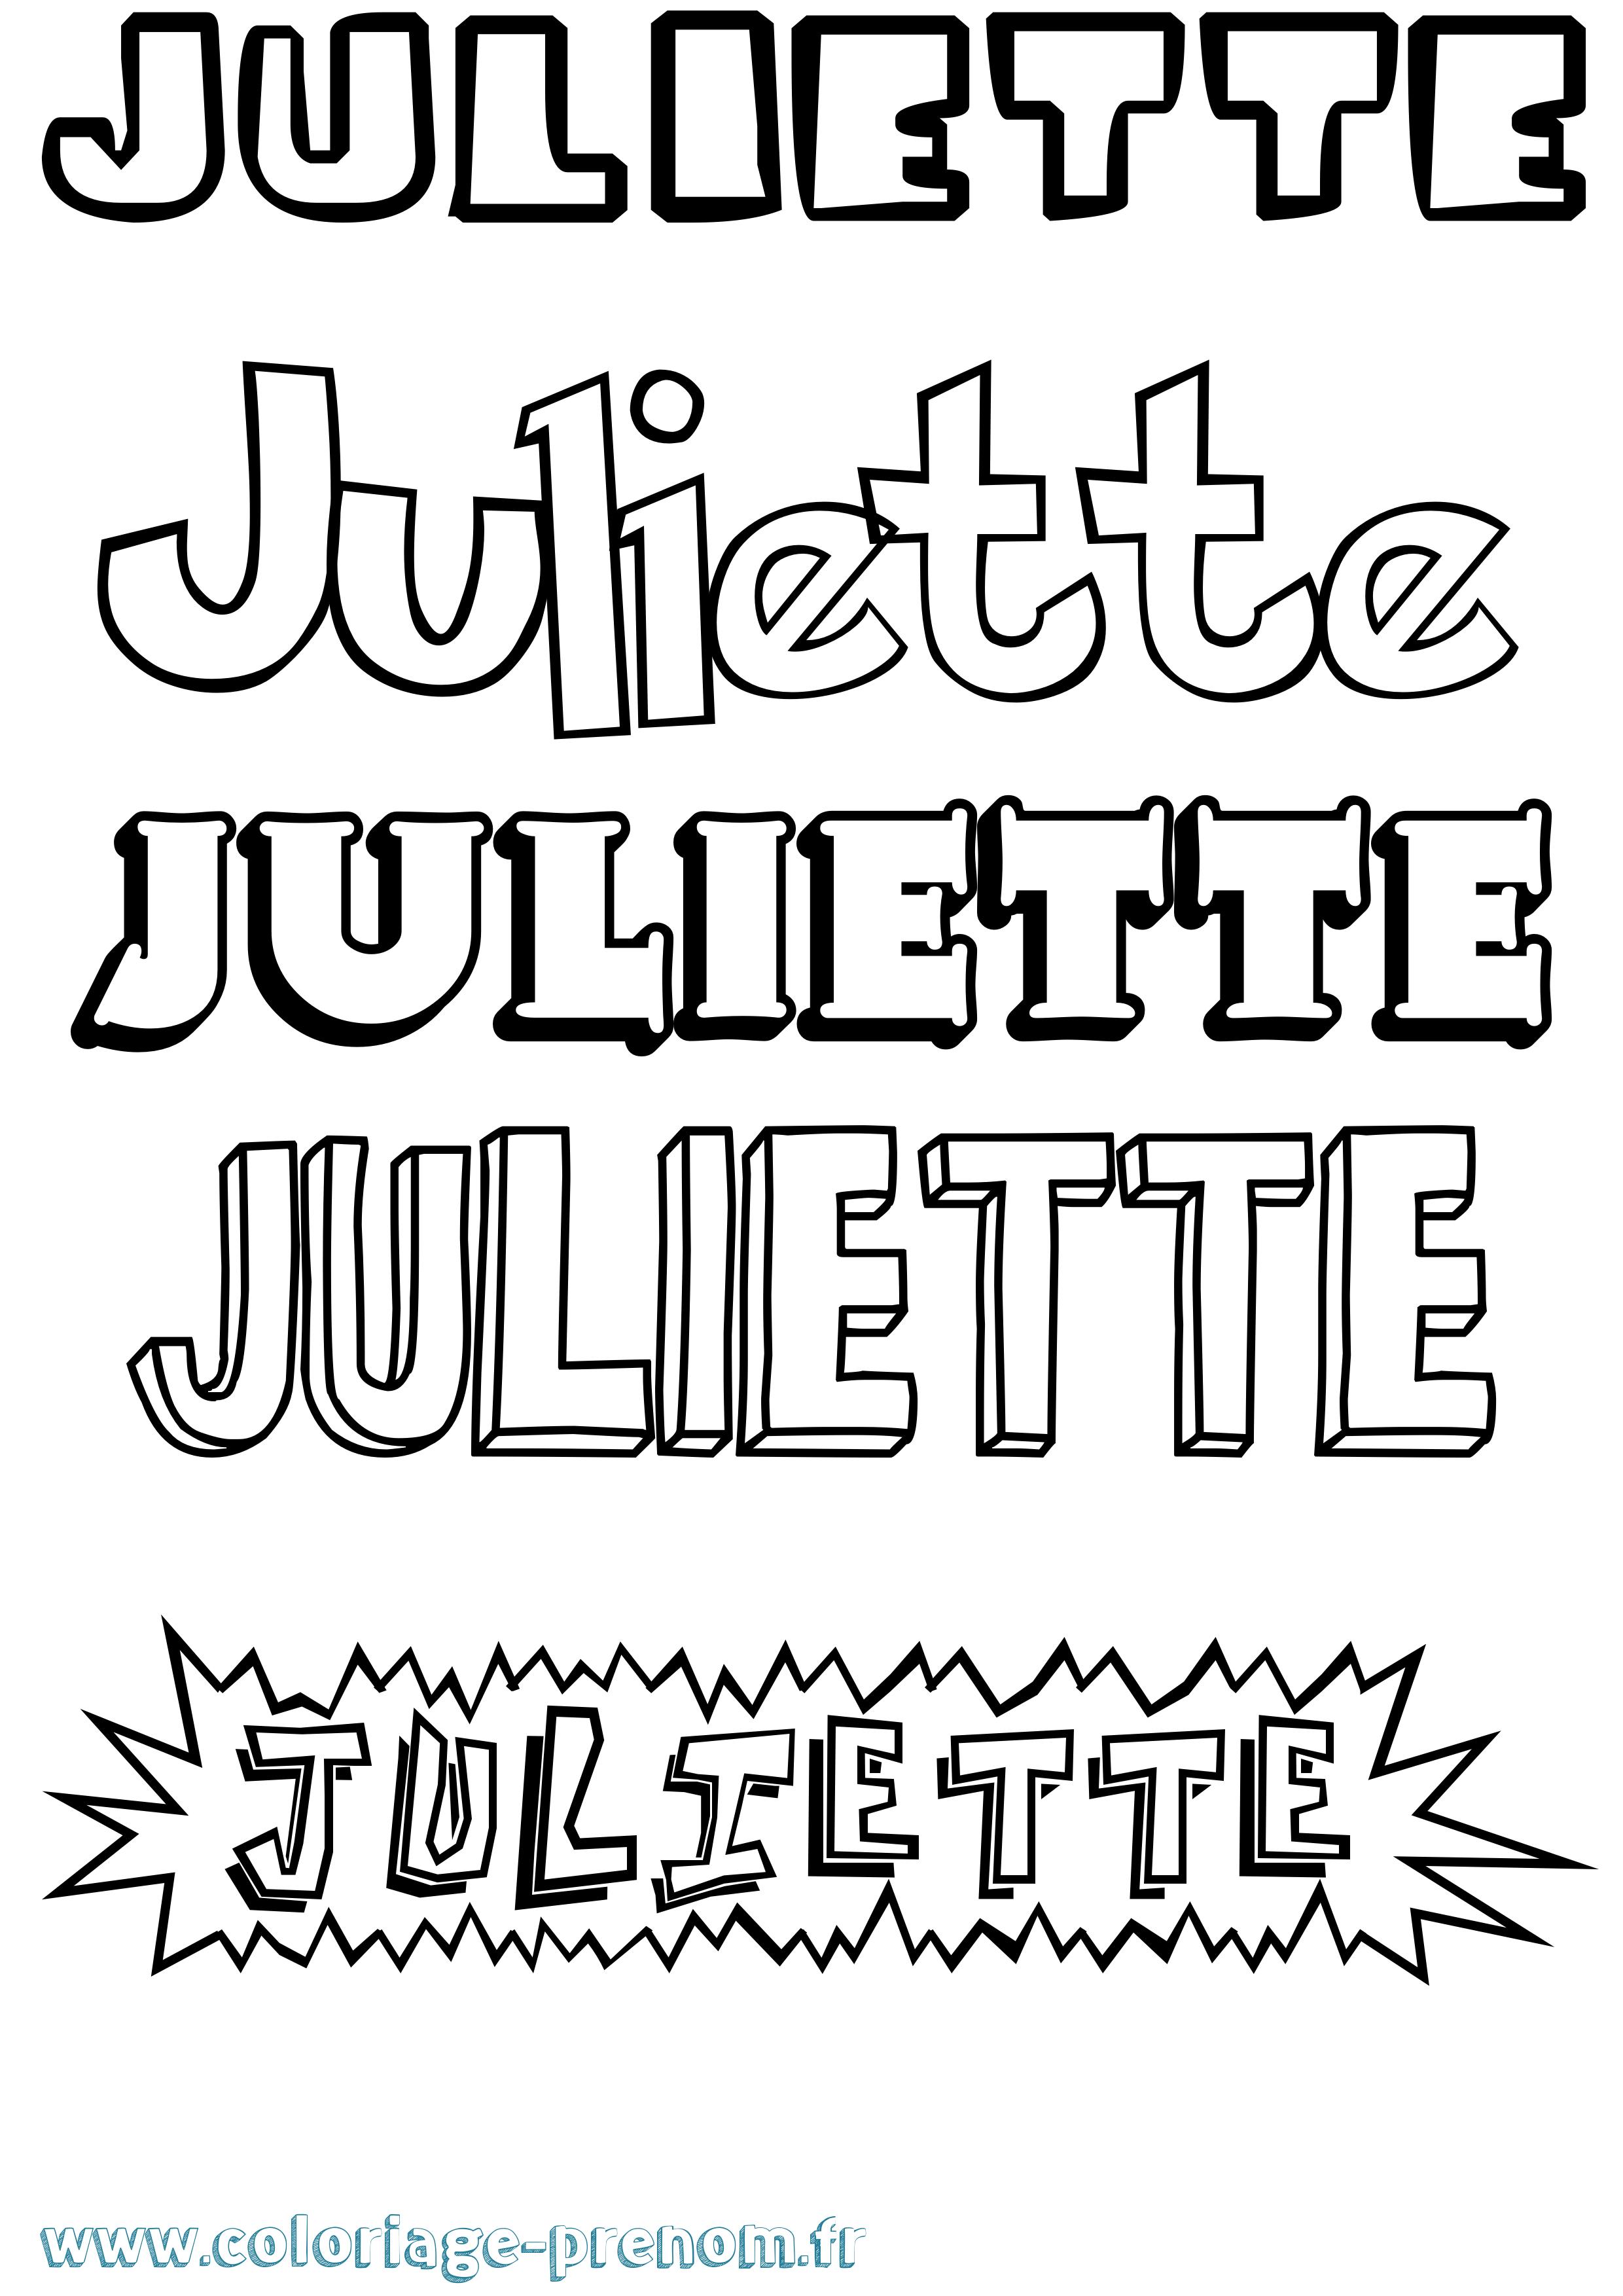 Coloriage du prénom Juliette : à Imprimer ou Télécharger ...